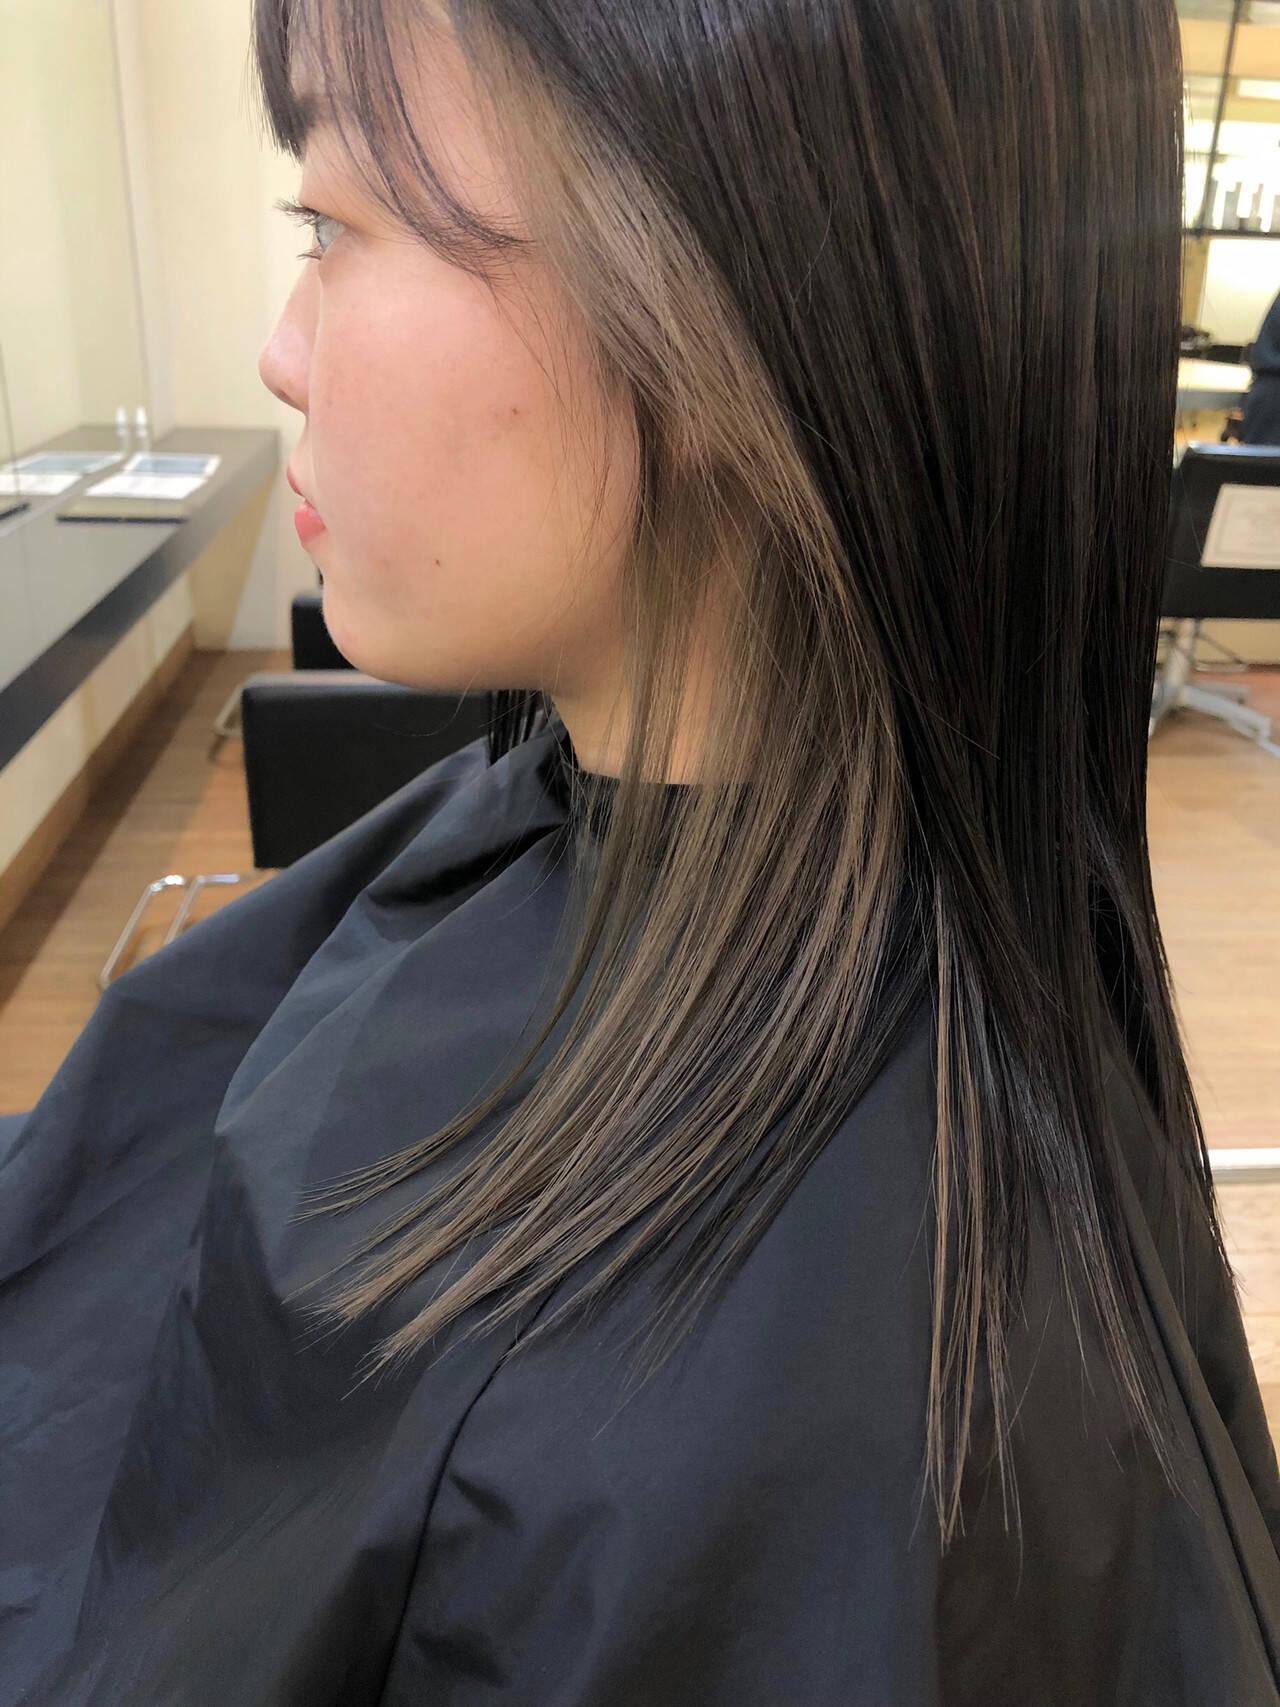 ナチュラル ミディアムヘアー インナーカラー ミディアムヘアスタイルや髪型の写真・画像